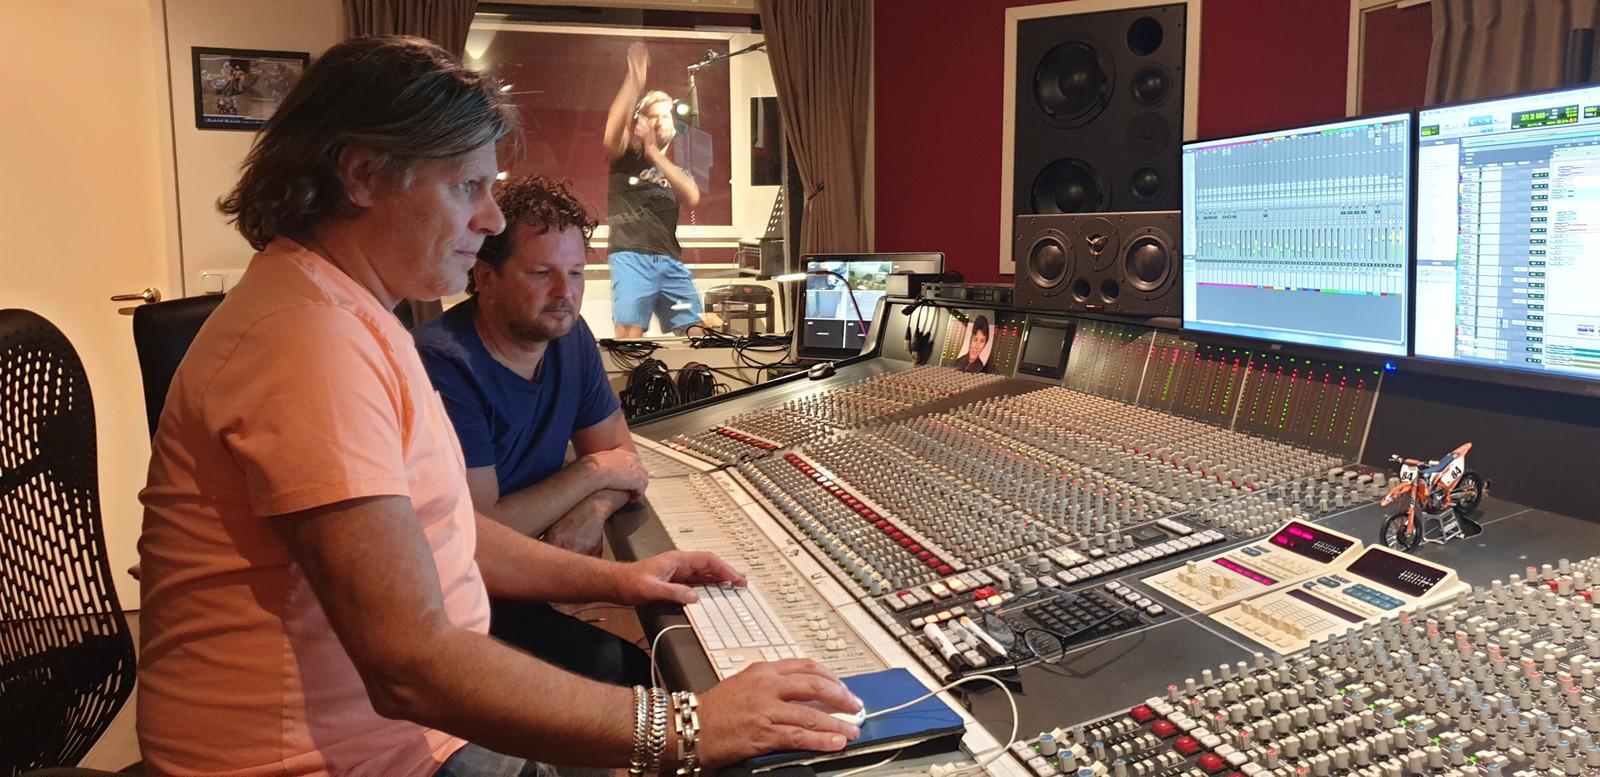 Producer Edwin van Hoevelaak (links) en bandlid Ronald ten Bos zijn bezig met de eerste singles die de band over enkele maanden hoopt uit te brengen. Zanger Eric ten Bos zingt zijn partijen in op de achtergrond.